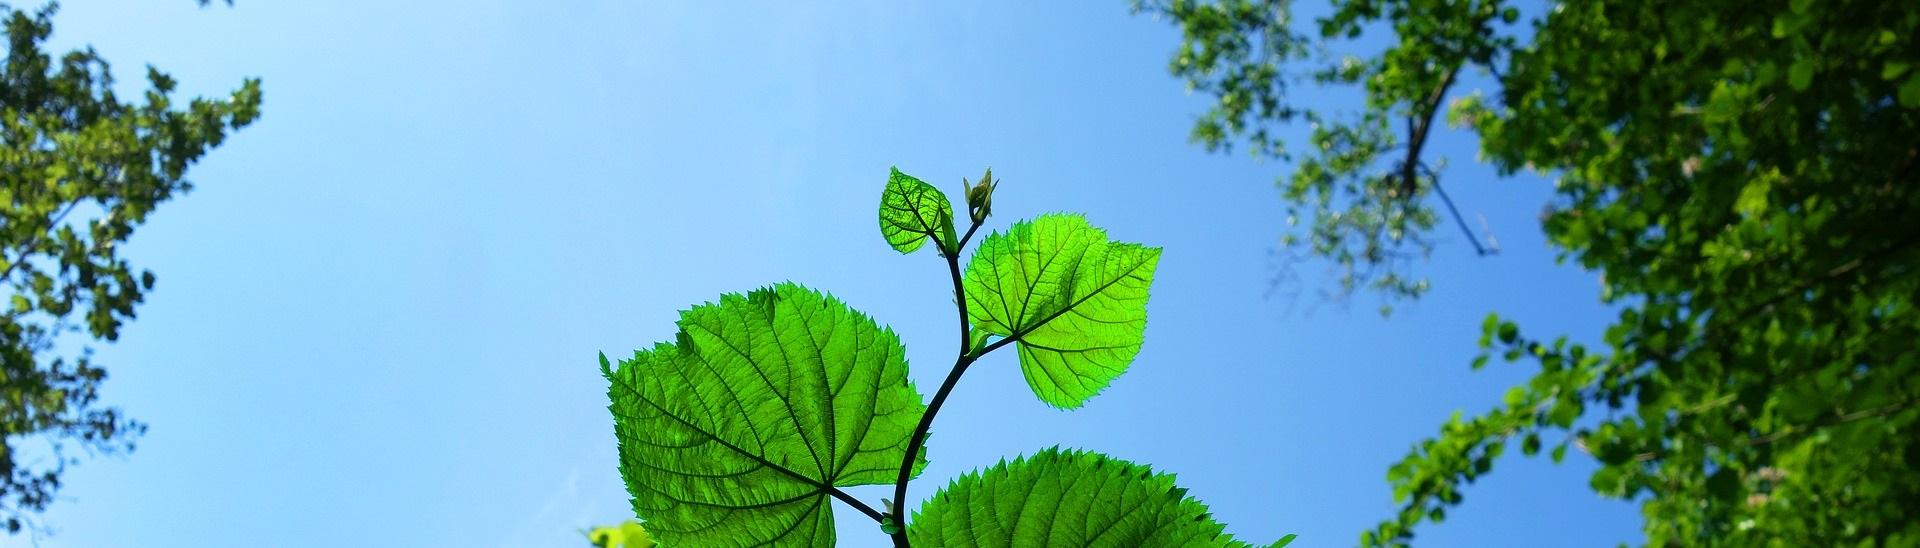 Gröna löv mot blå himmel.